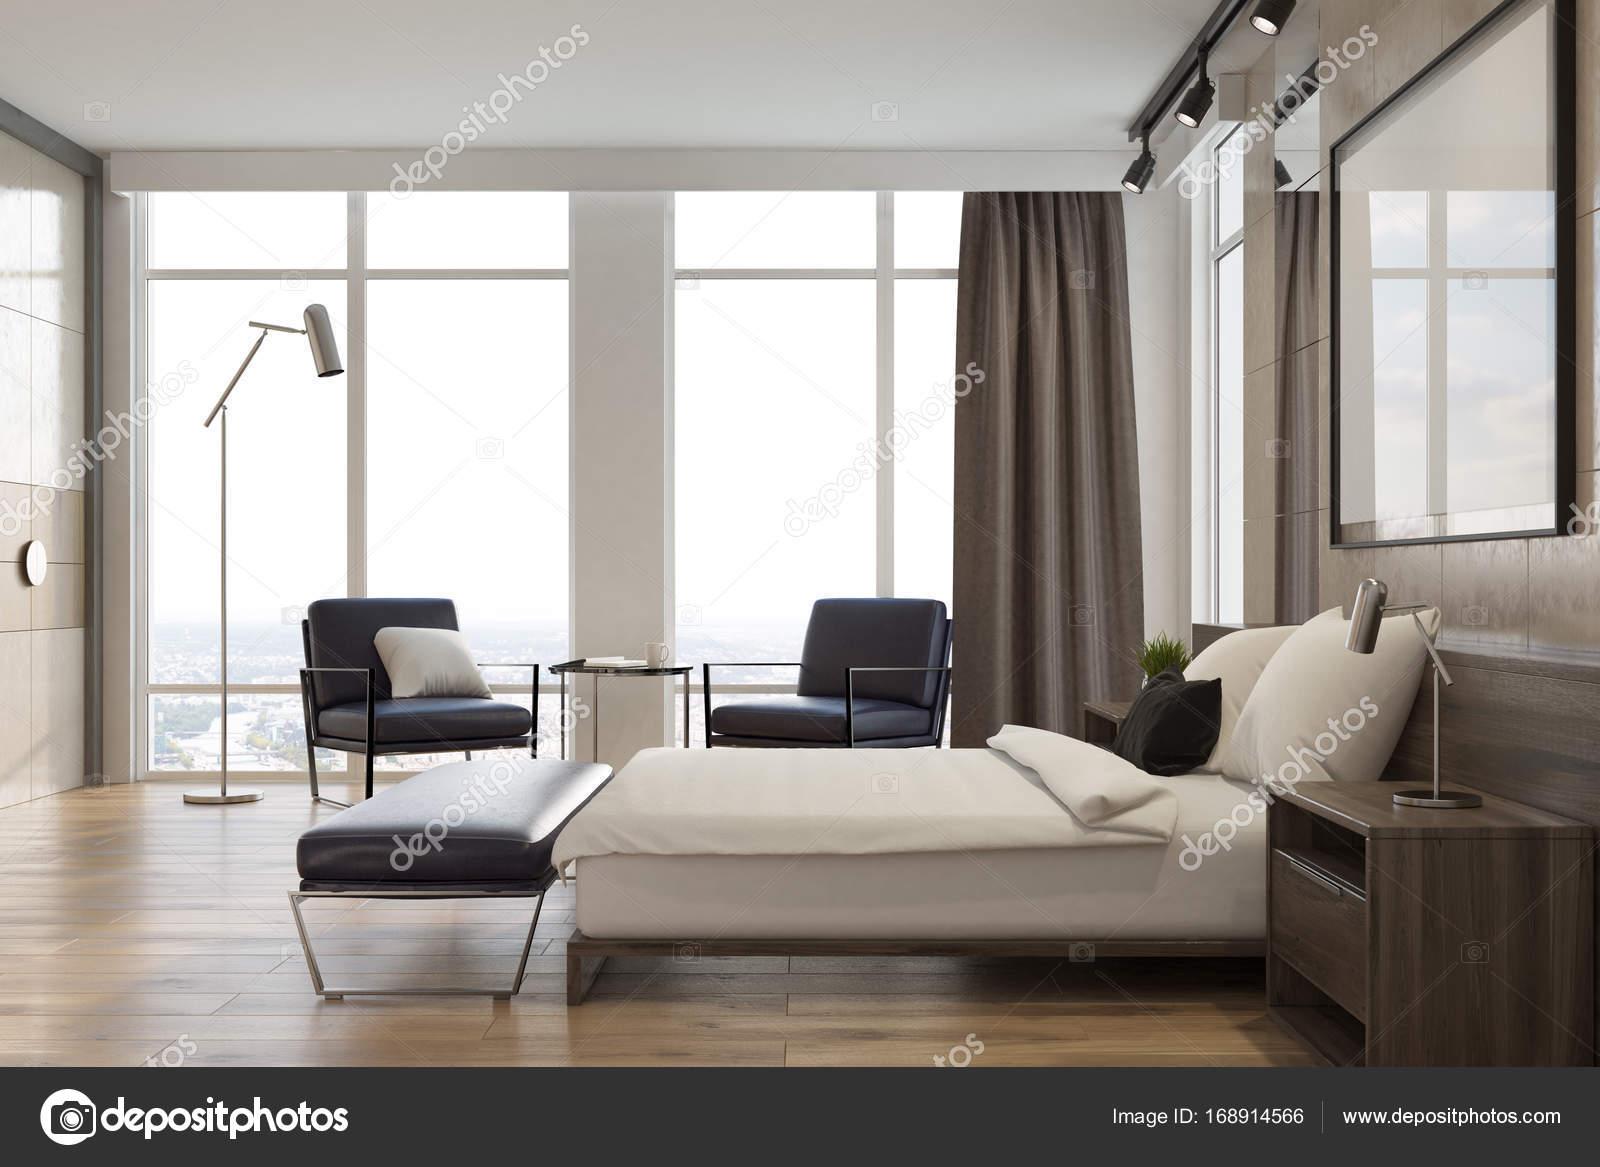 Licht Grau Schlafzimmer Interior, Poster, Seitenansicht U2014 Stockfoto